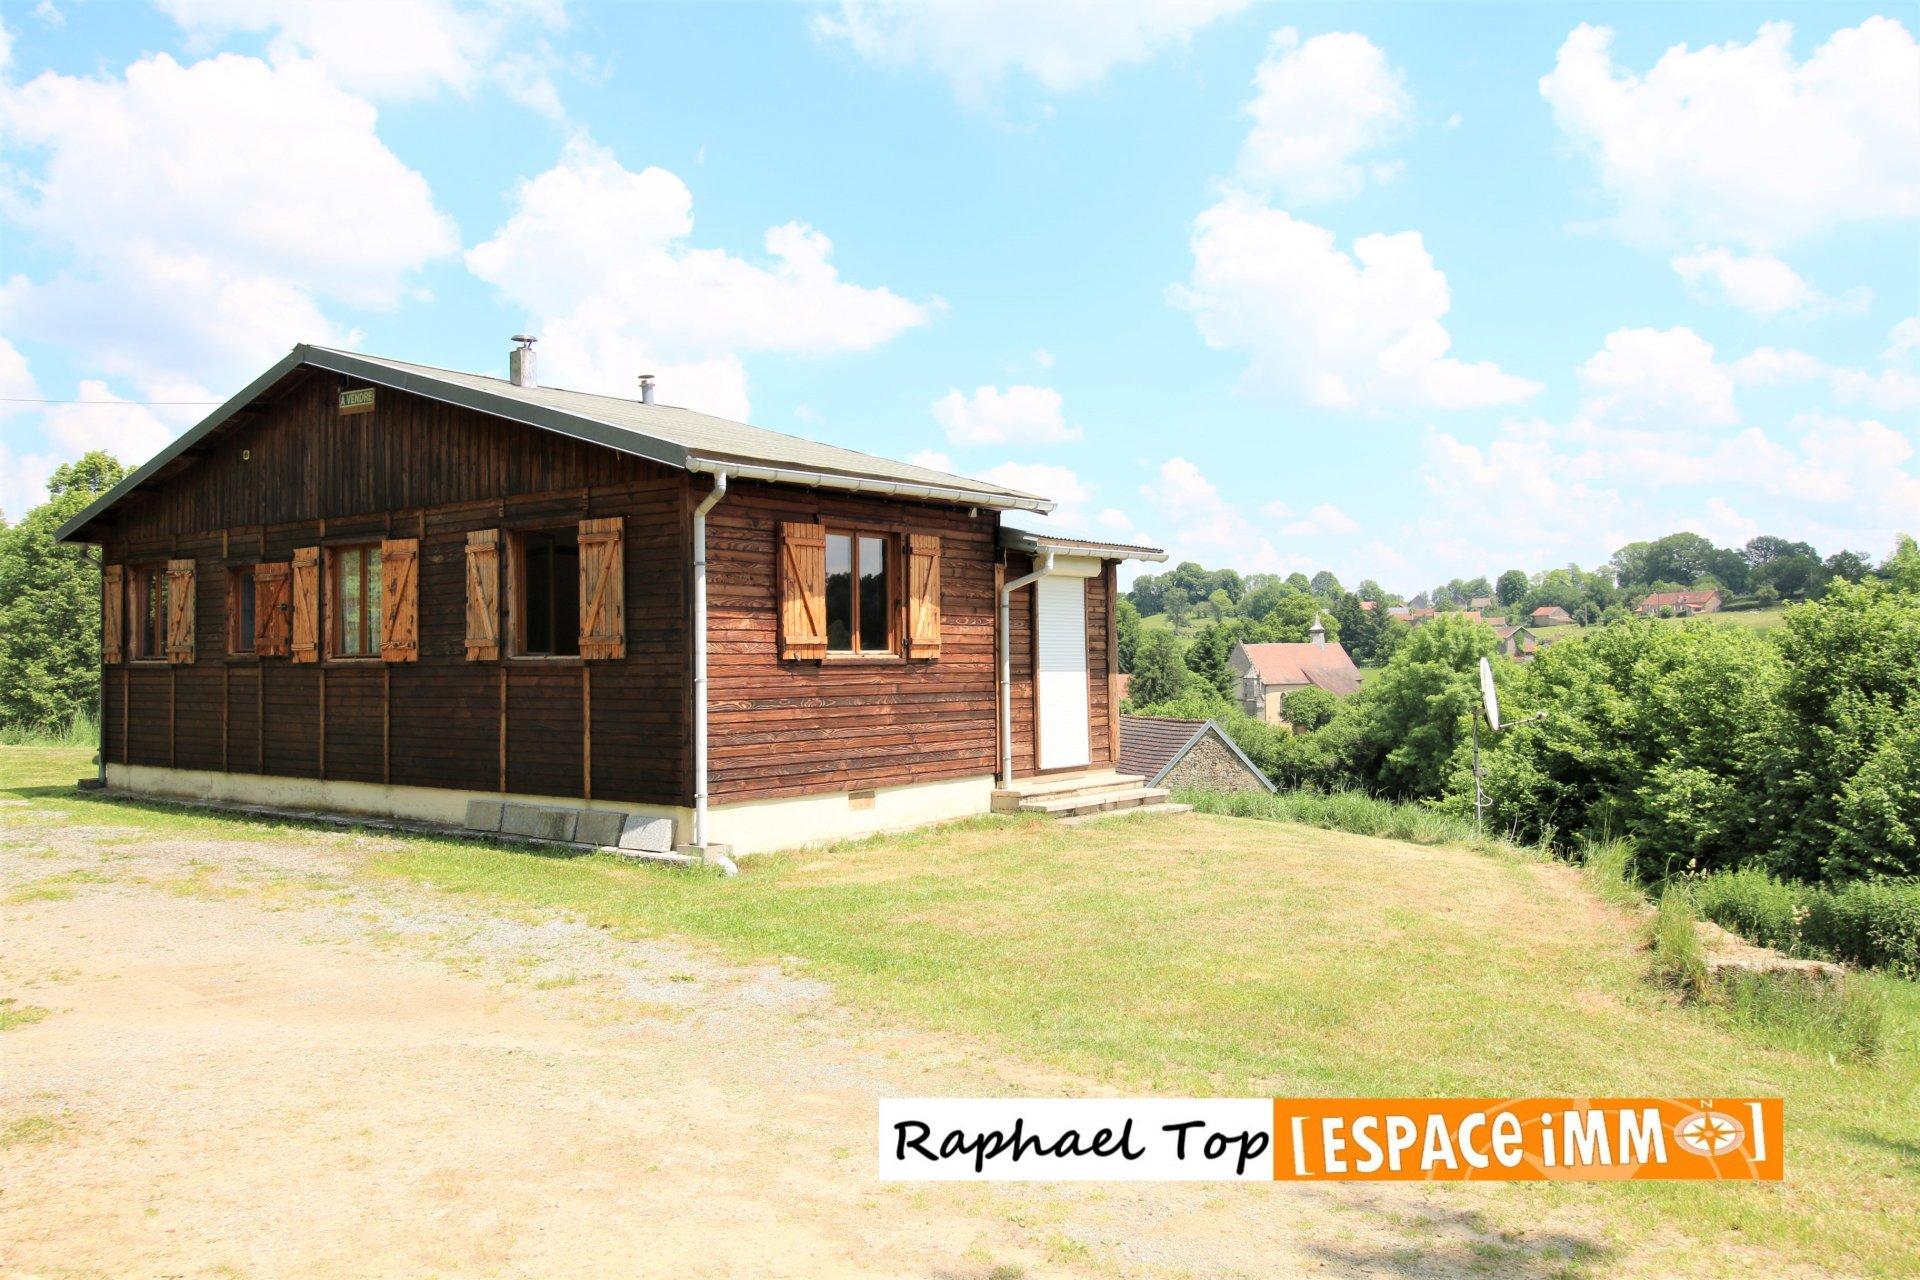 Plus de 6 hectares de terrain avec maison bois et dépendances